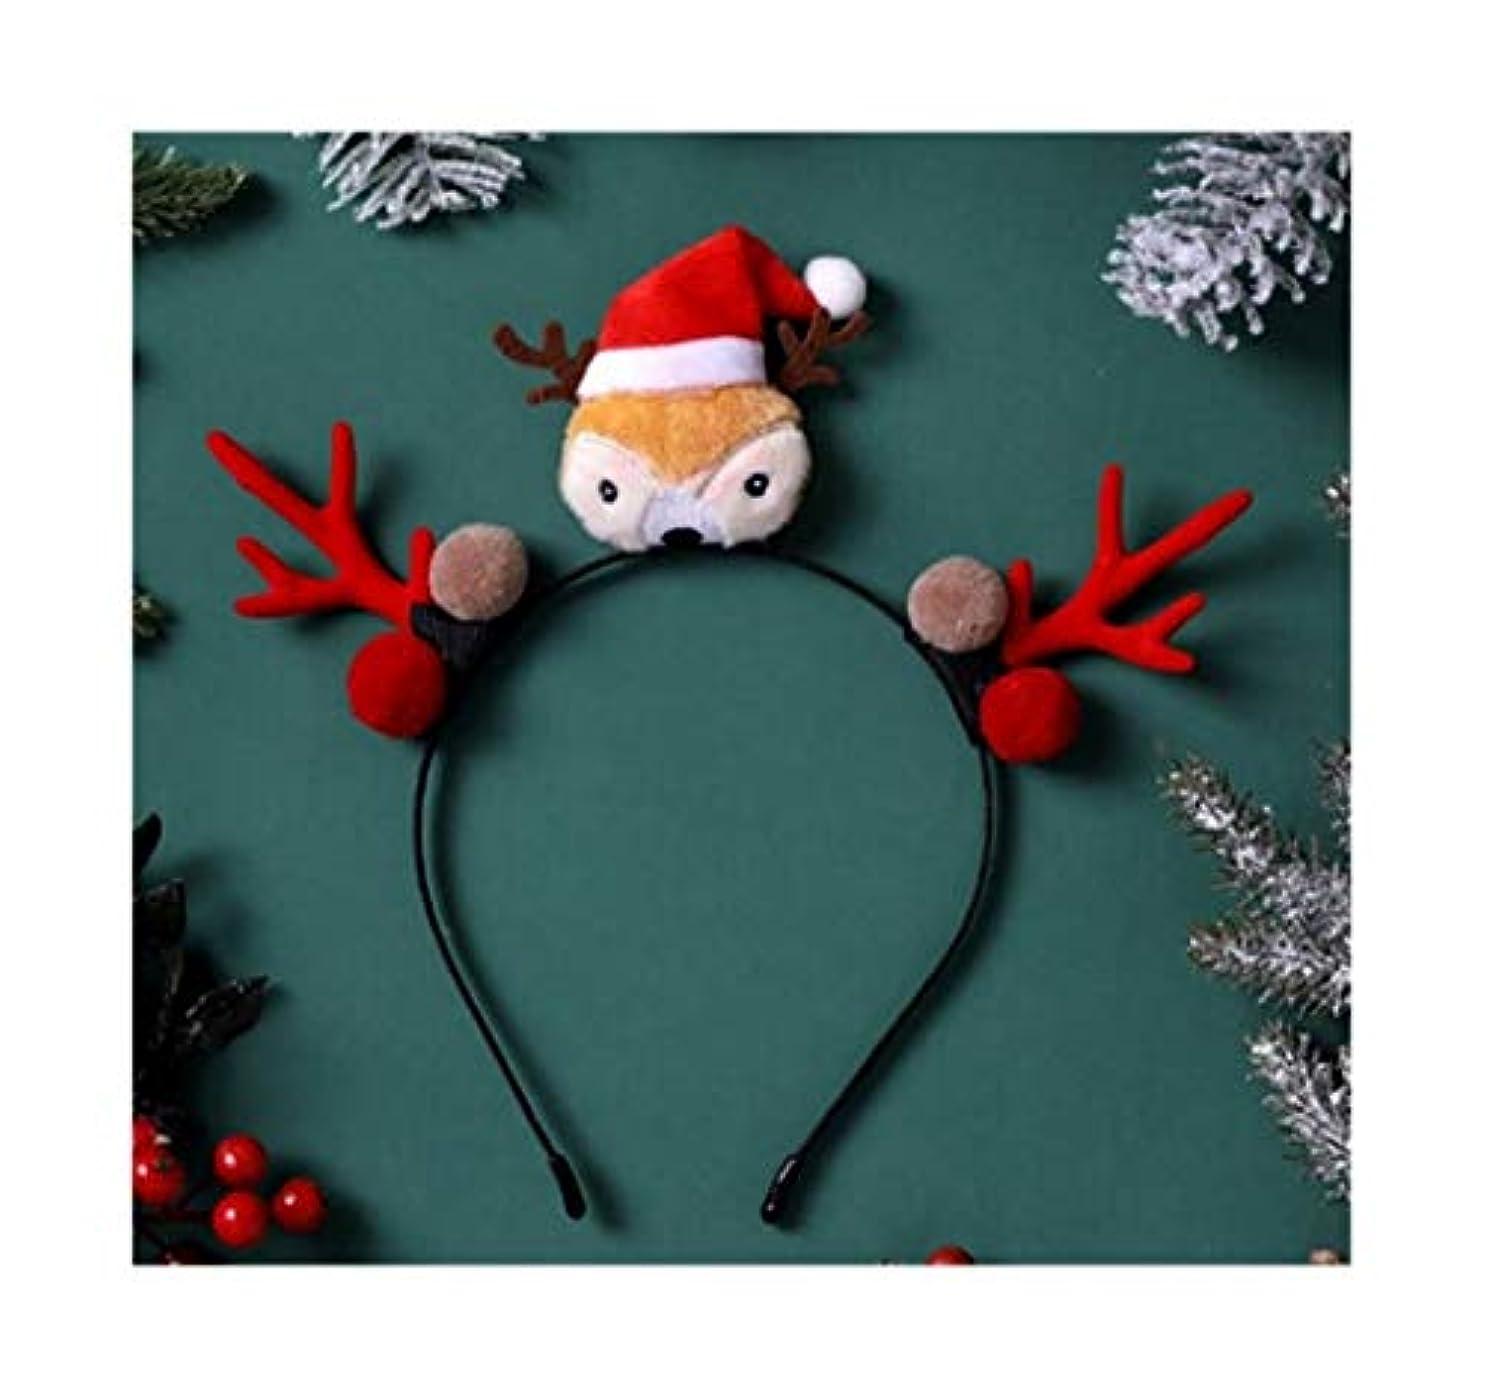 変成器目の前のやりすぎクリスマスヘッドバンド子供のギフトジュエリーのヘアアクセサリー小さな枝角帽子飾りかわいいエルクヘアピン豪華なヘッドバンド茶色の枝角ヘラジカヘッドバンド(7つのスタイルオプション) (スタイル : 5#)